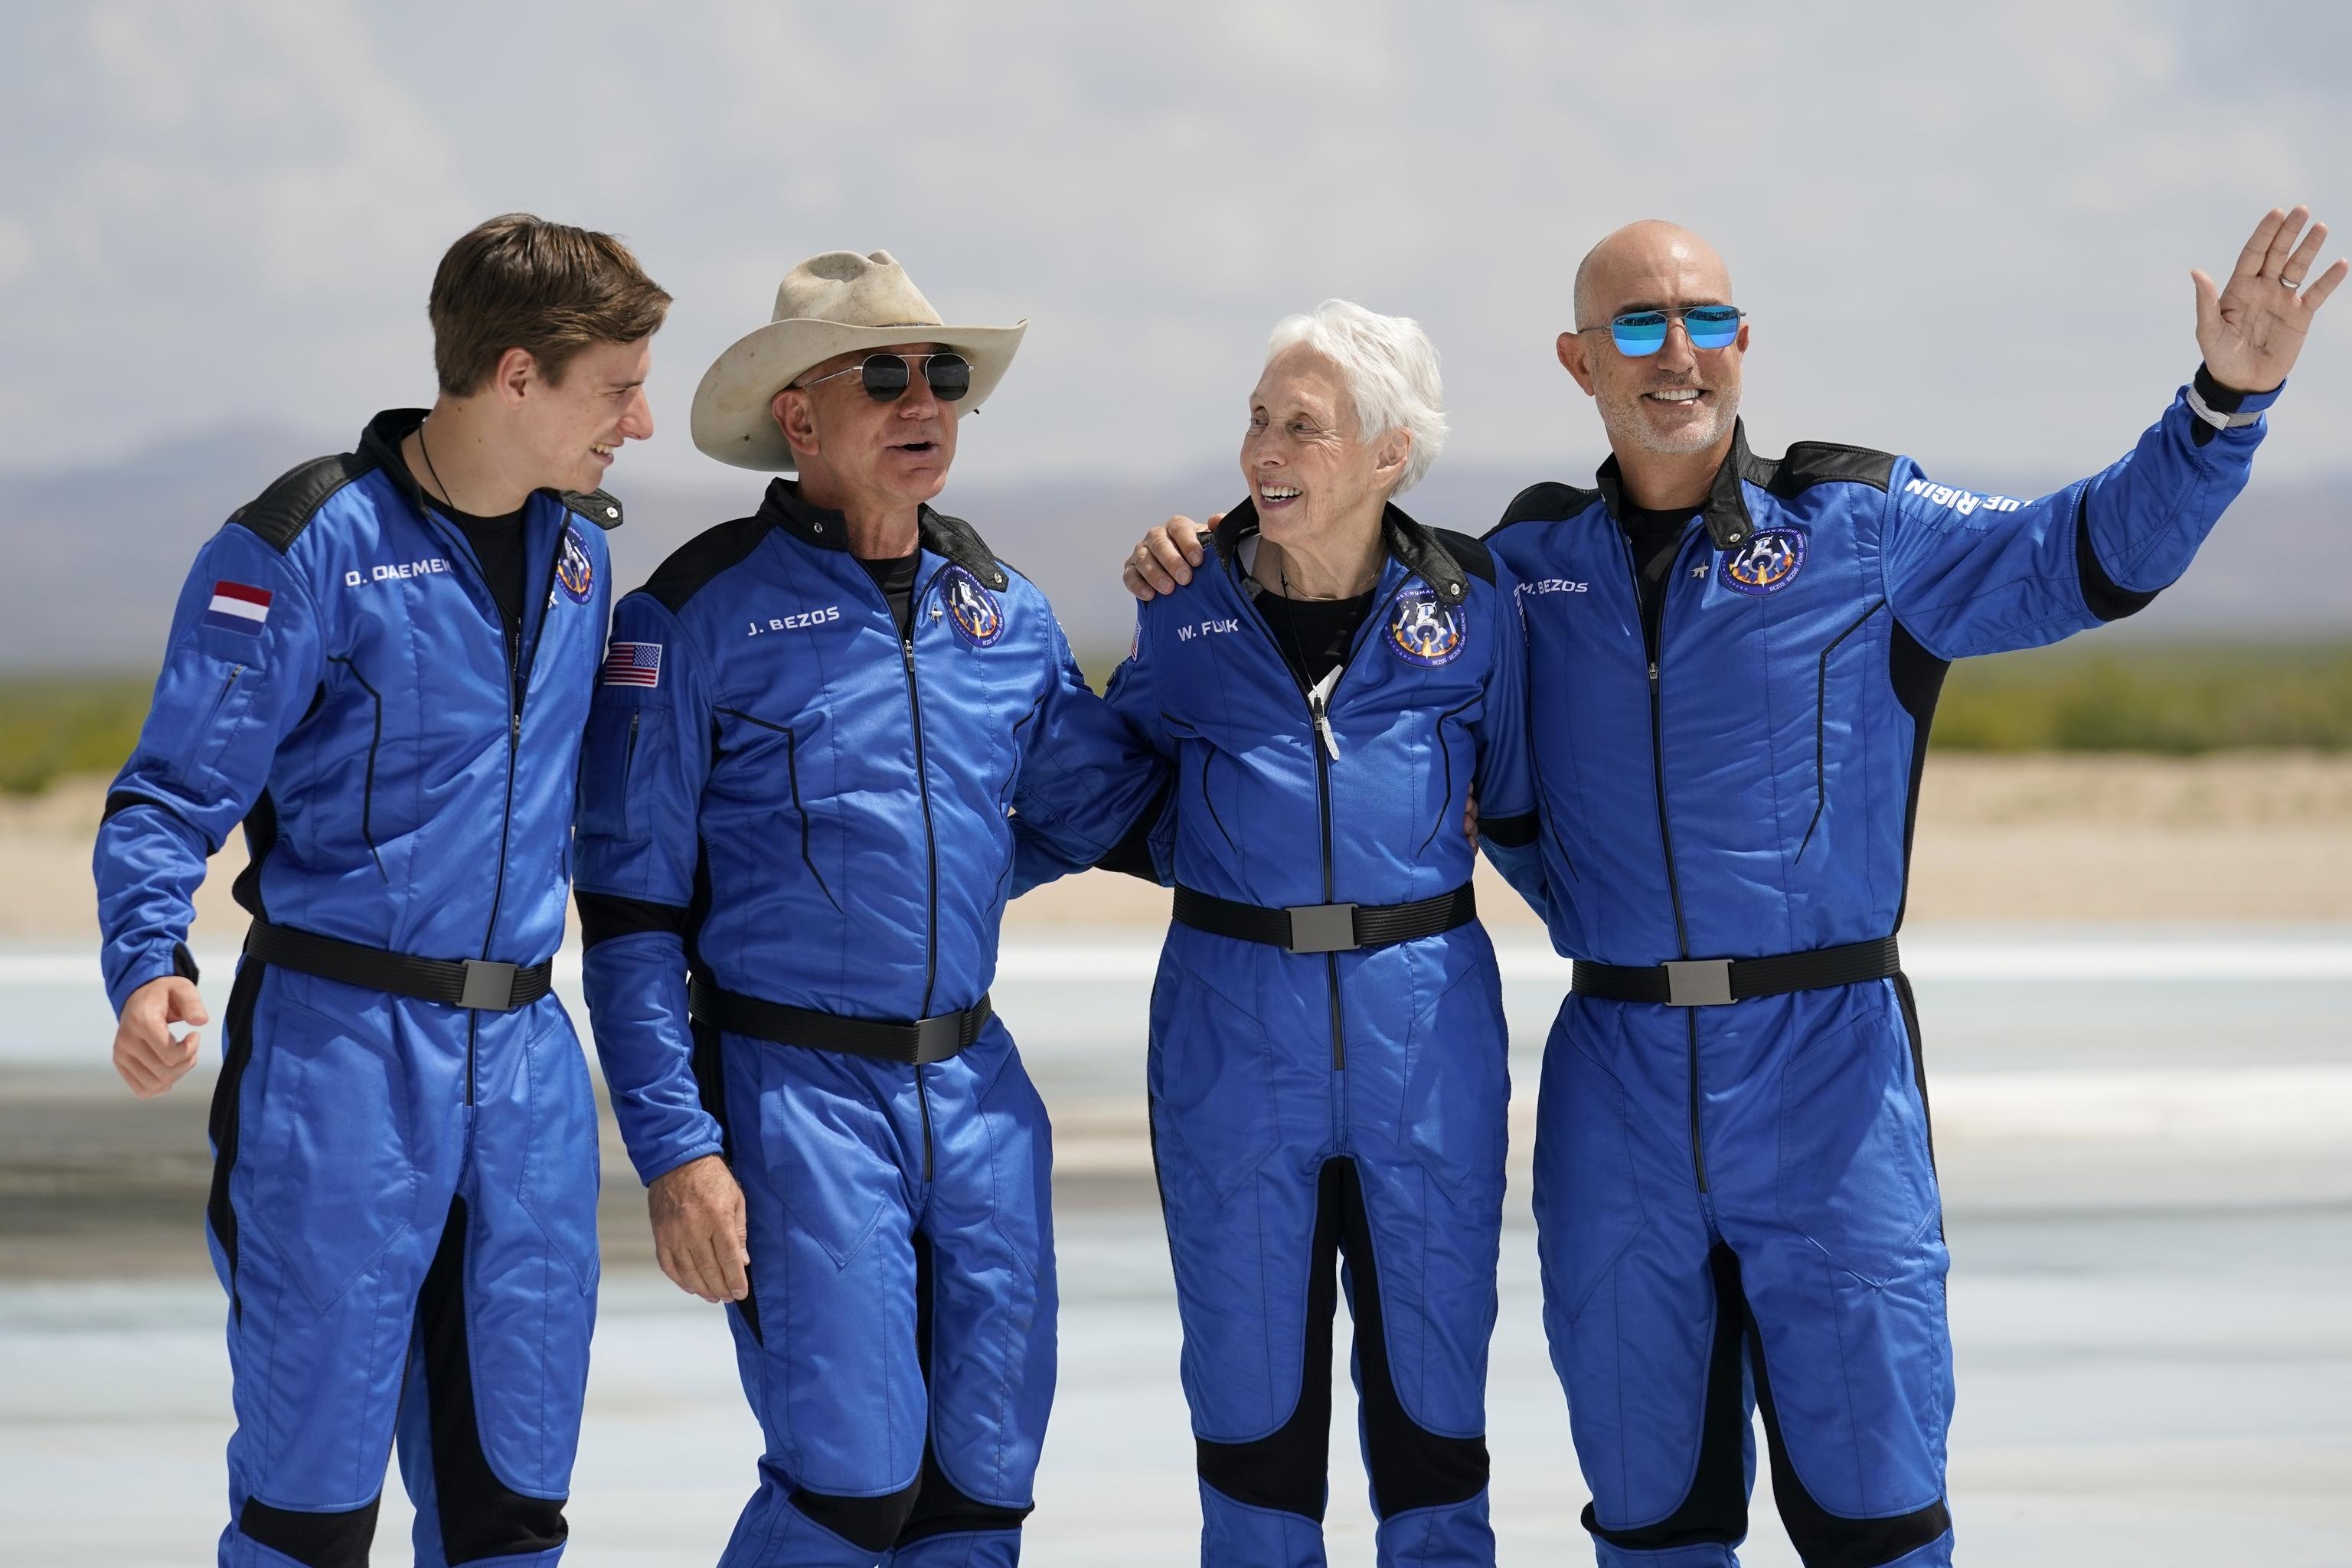 Pasajeros de Blue origin con sus trajes espaciales azules